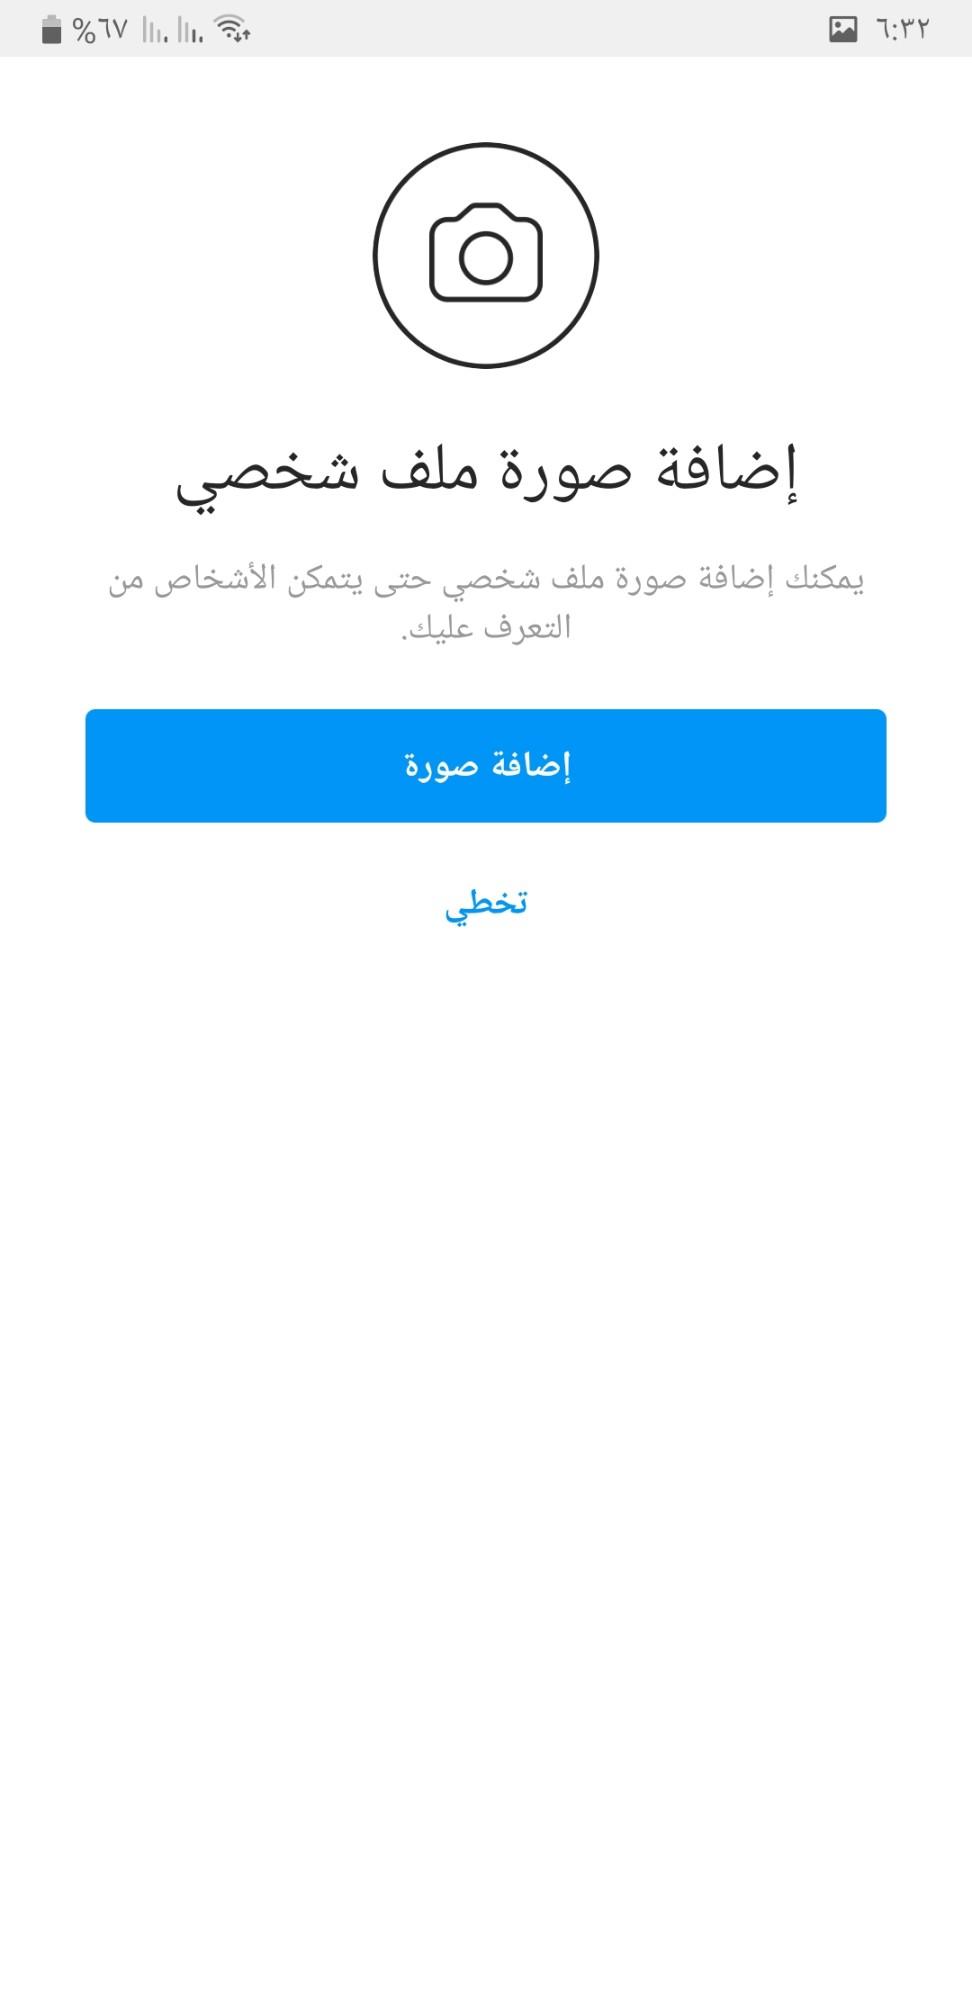 إنشاء حساب انستغرام من جوجل